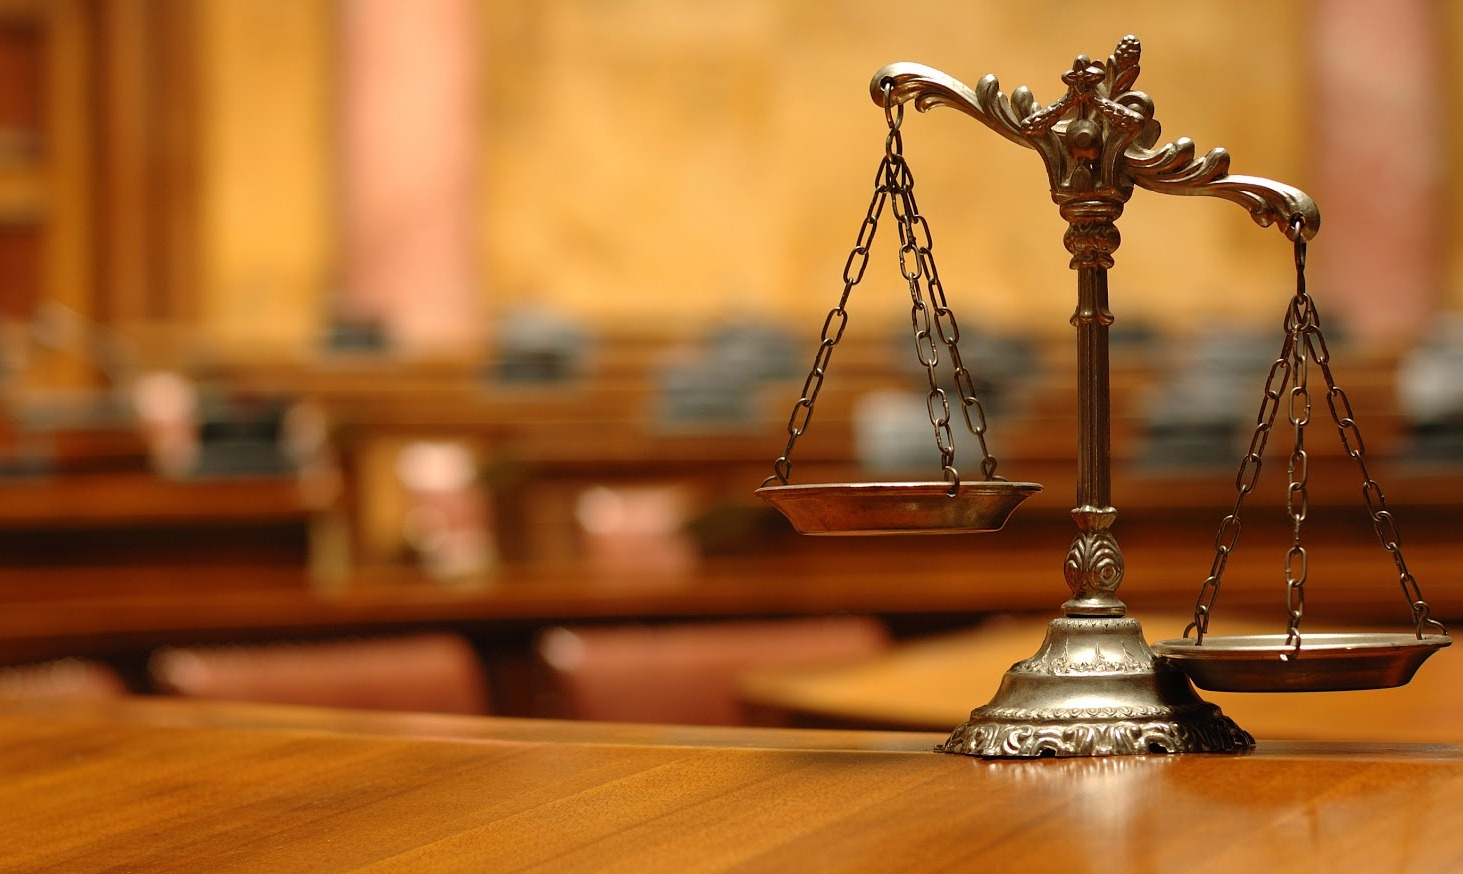 Masih Belum Finalnya, Paket Kebijakan Reformasi Hukum